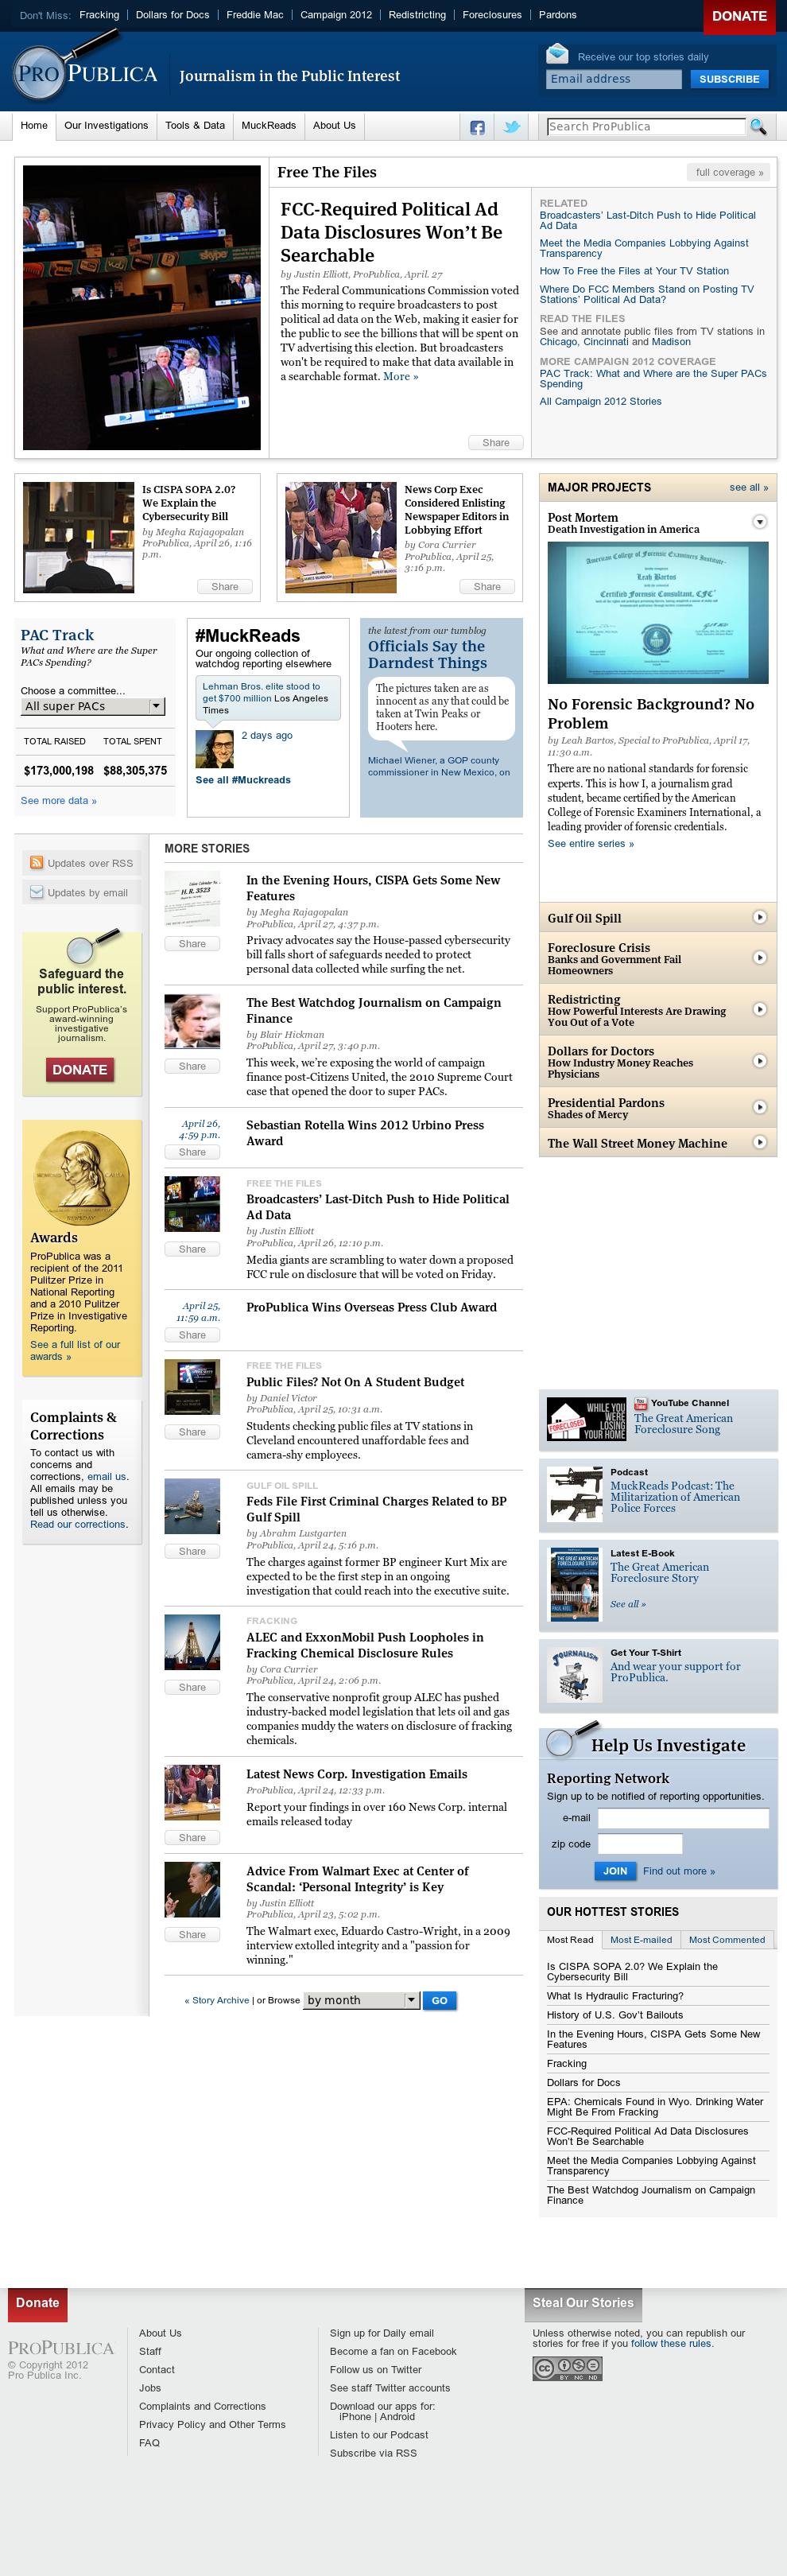 ProPublica at Sunday April 29, 2012, 10:18 p.m. UTC